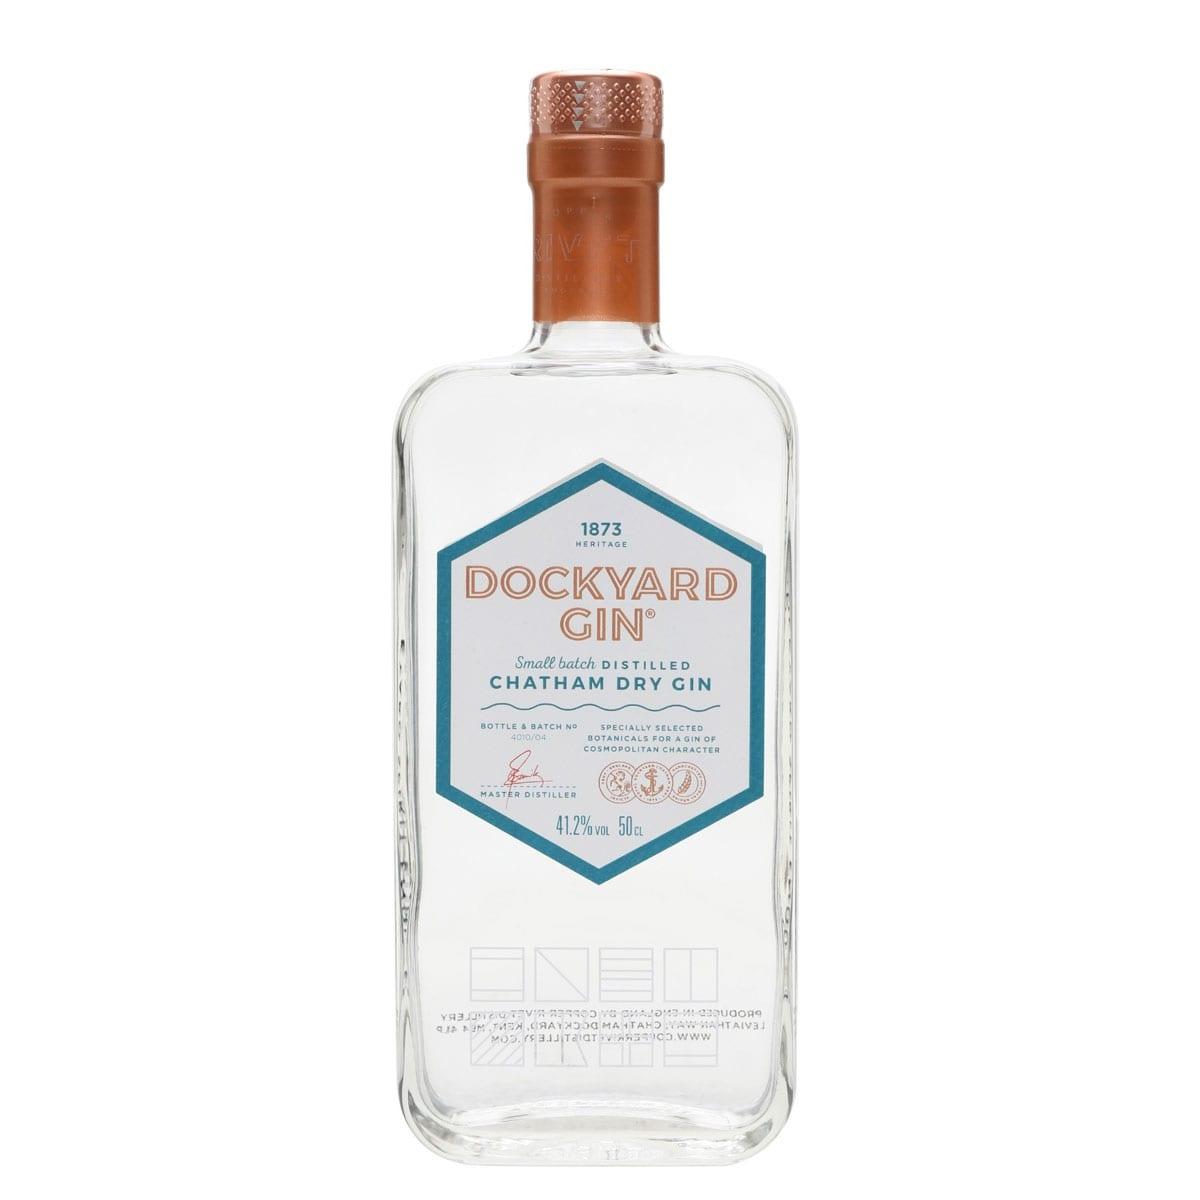 Dockyard Gin